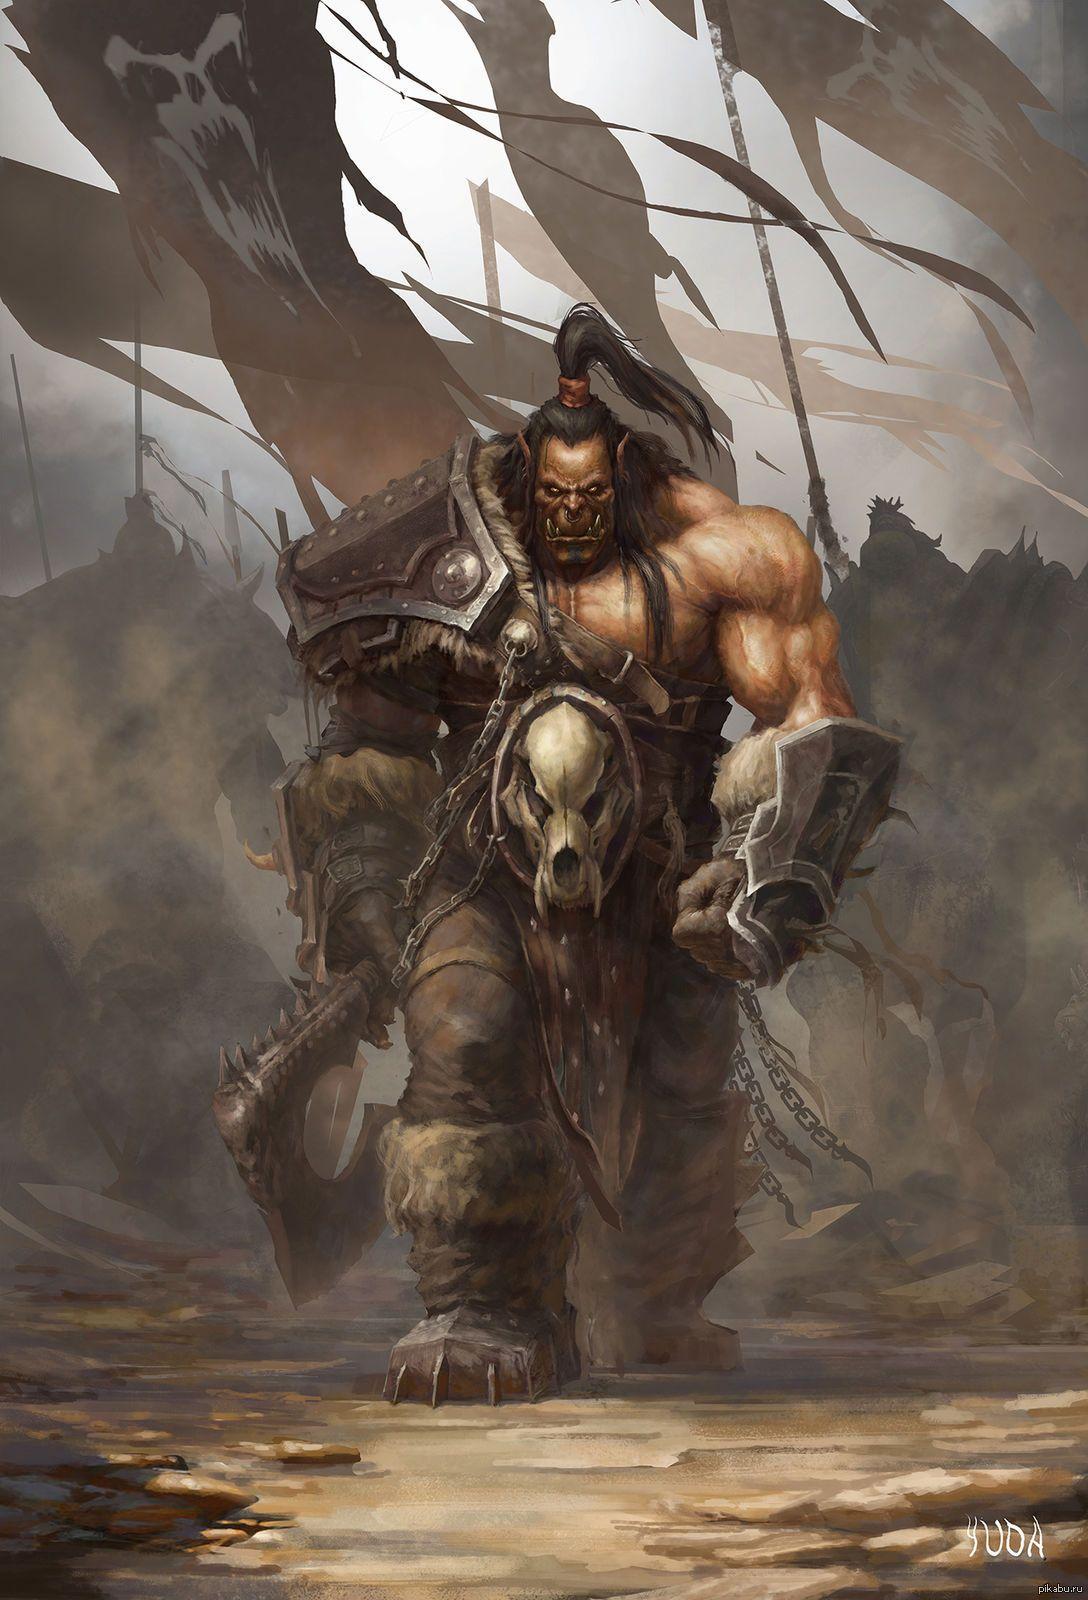 Grommash Hellscream - World of Warcraft Artist - Yuda (Da Yu)